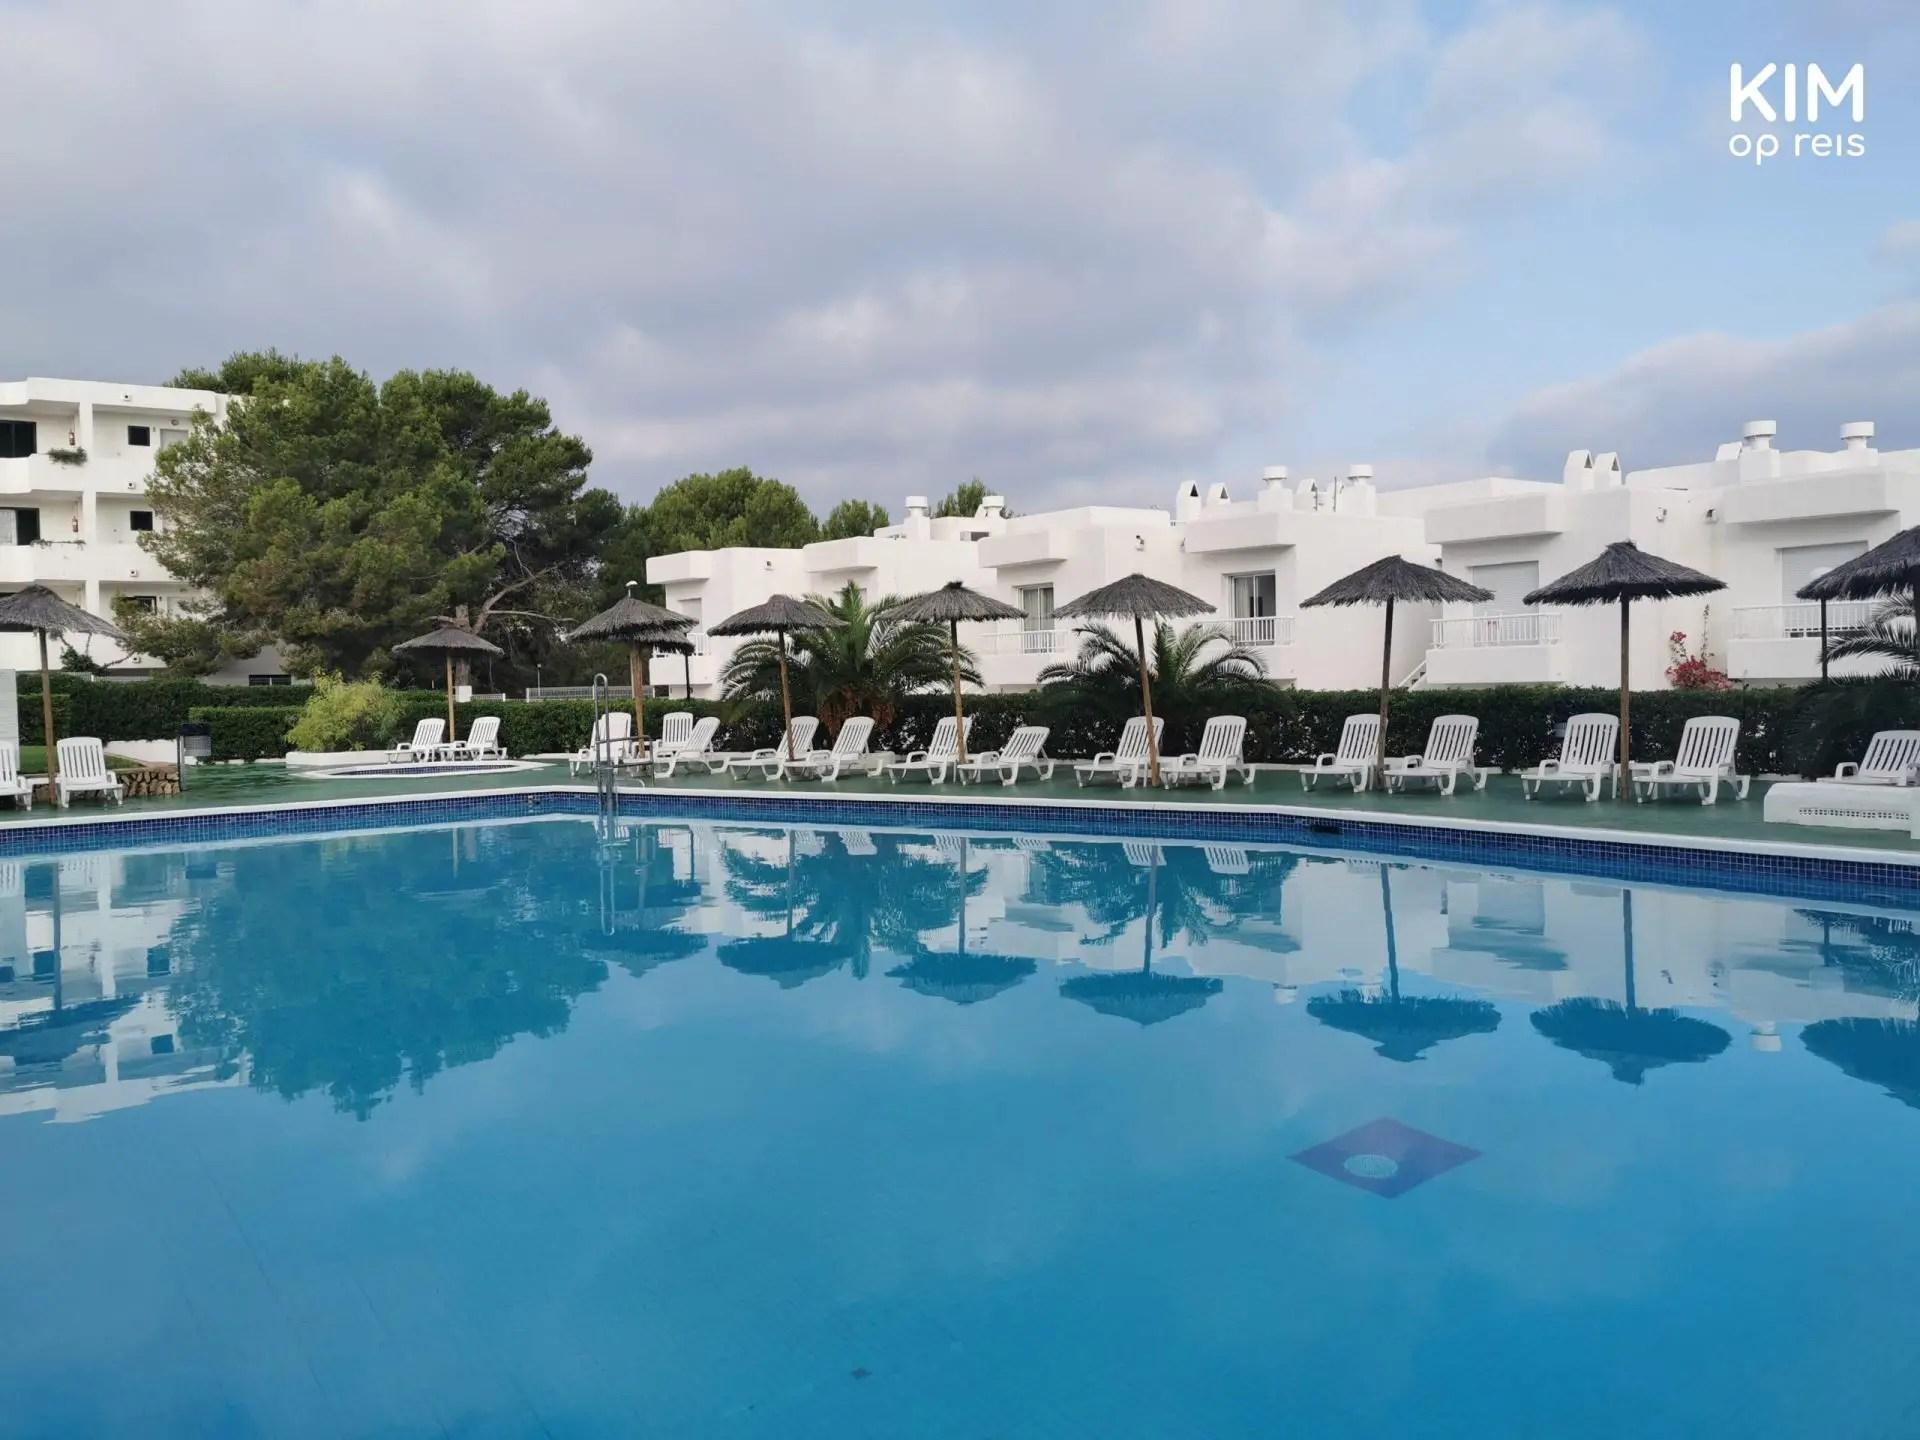 Zwembad Torrent Bay Ibiza - zwembad met witte appartementen eromheen